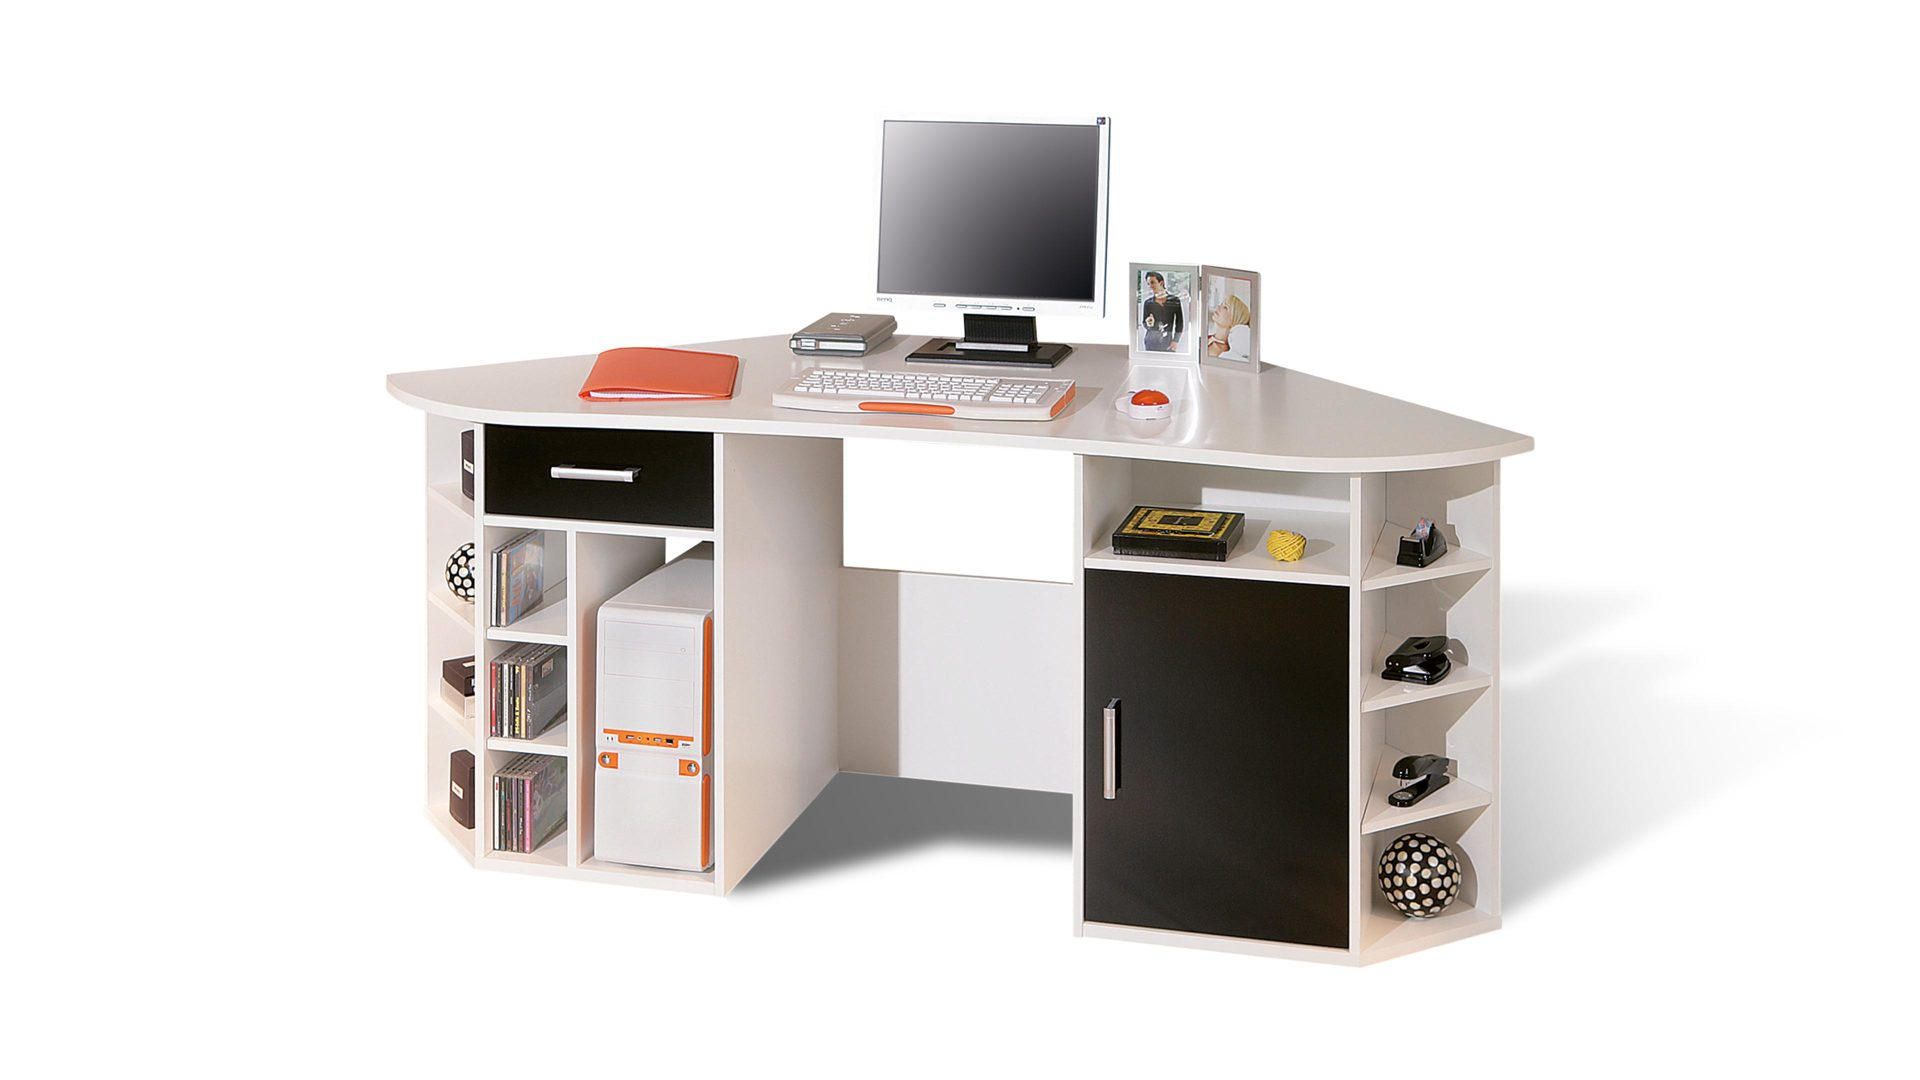 Möbel Bohn Crailsheim Räume Jugendzimmer Kinderzimmer